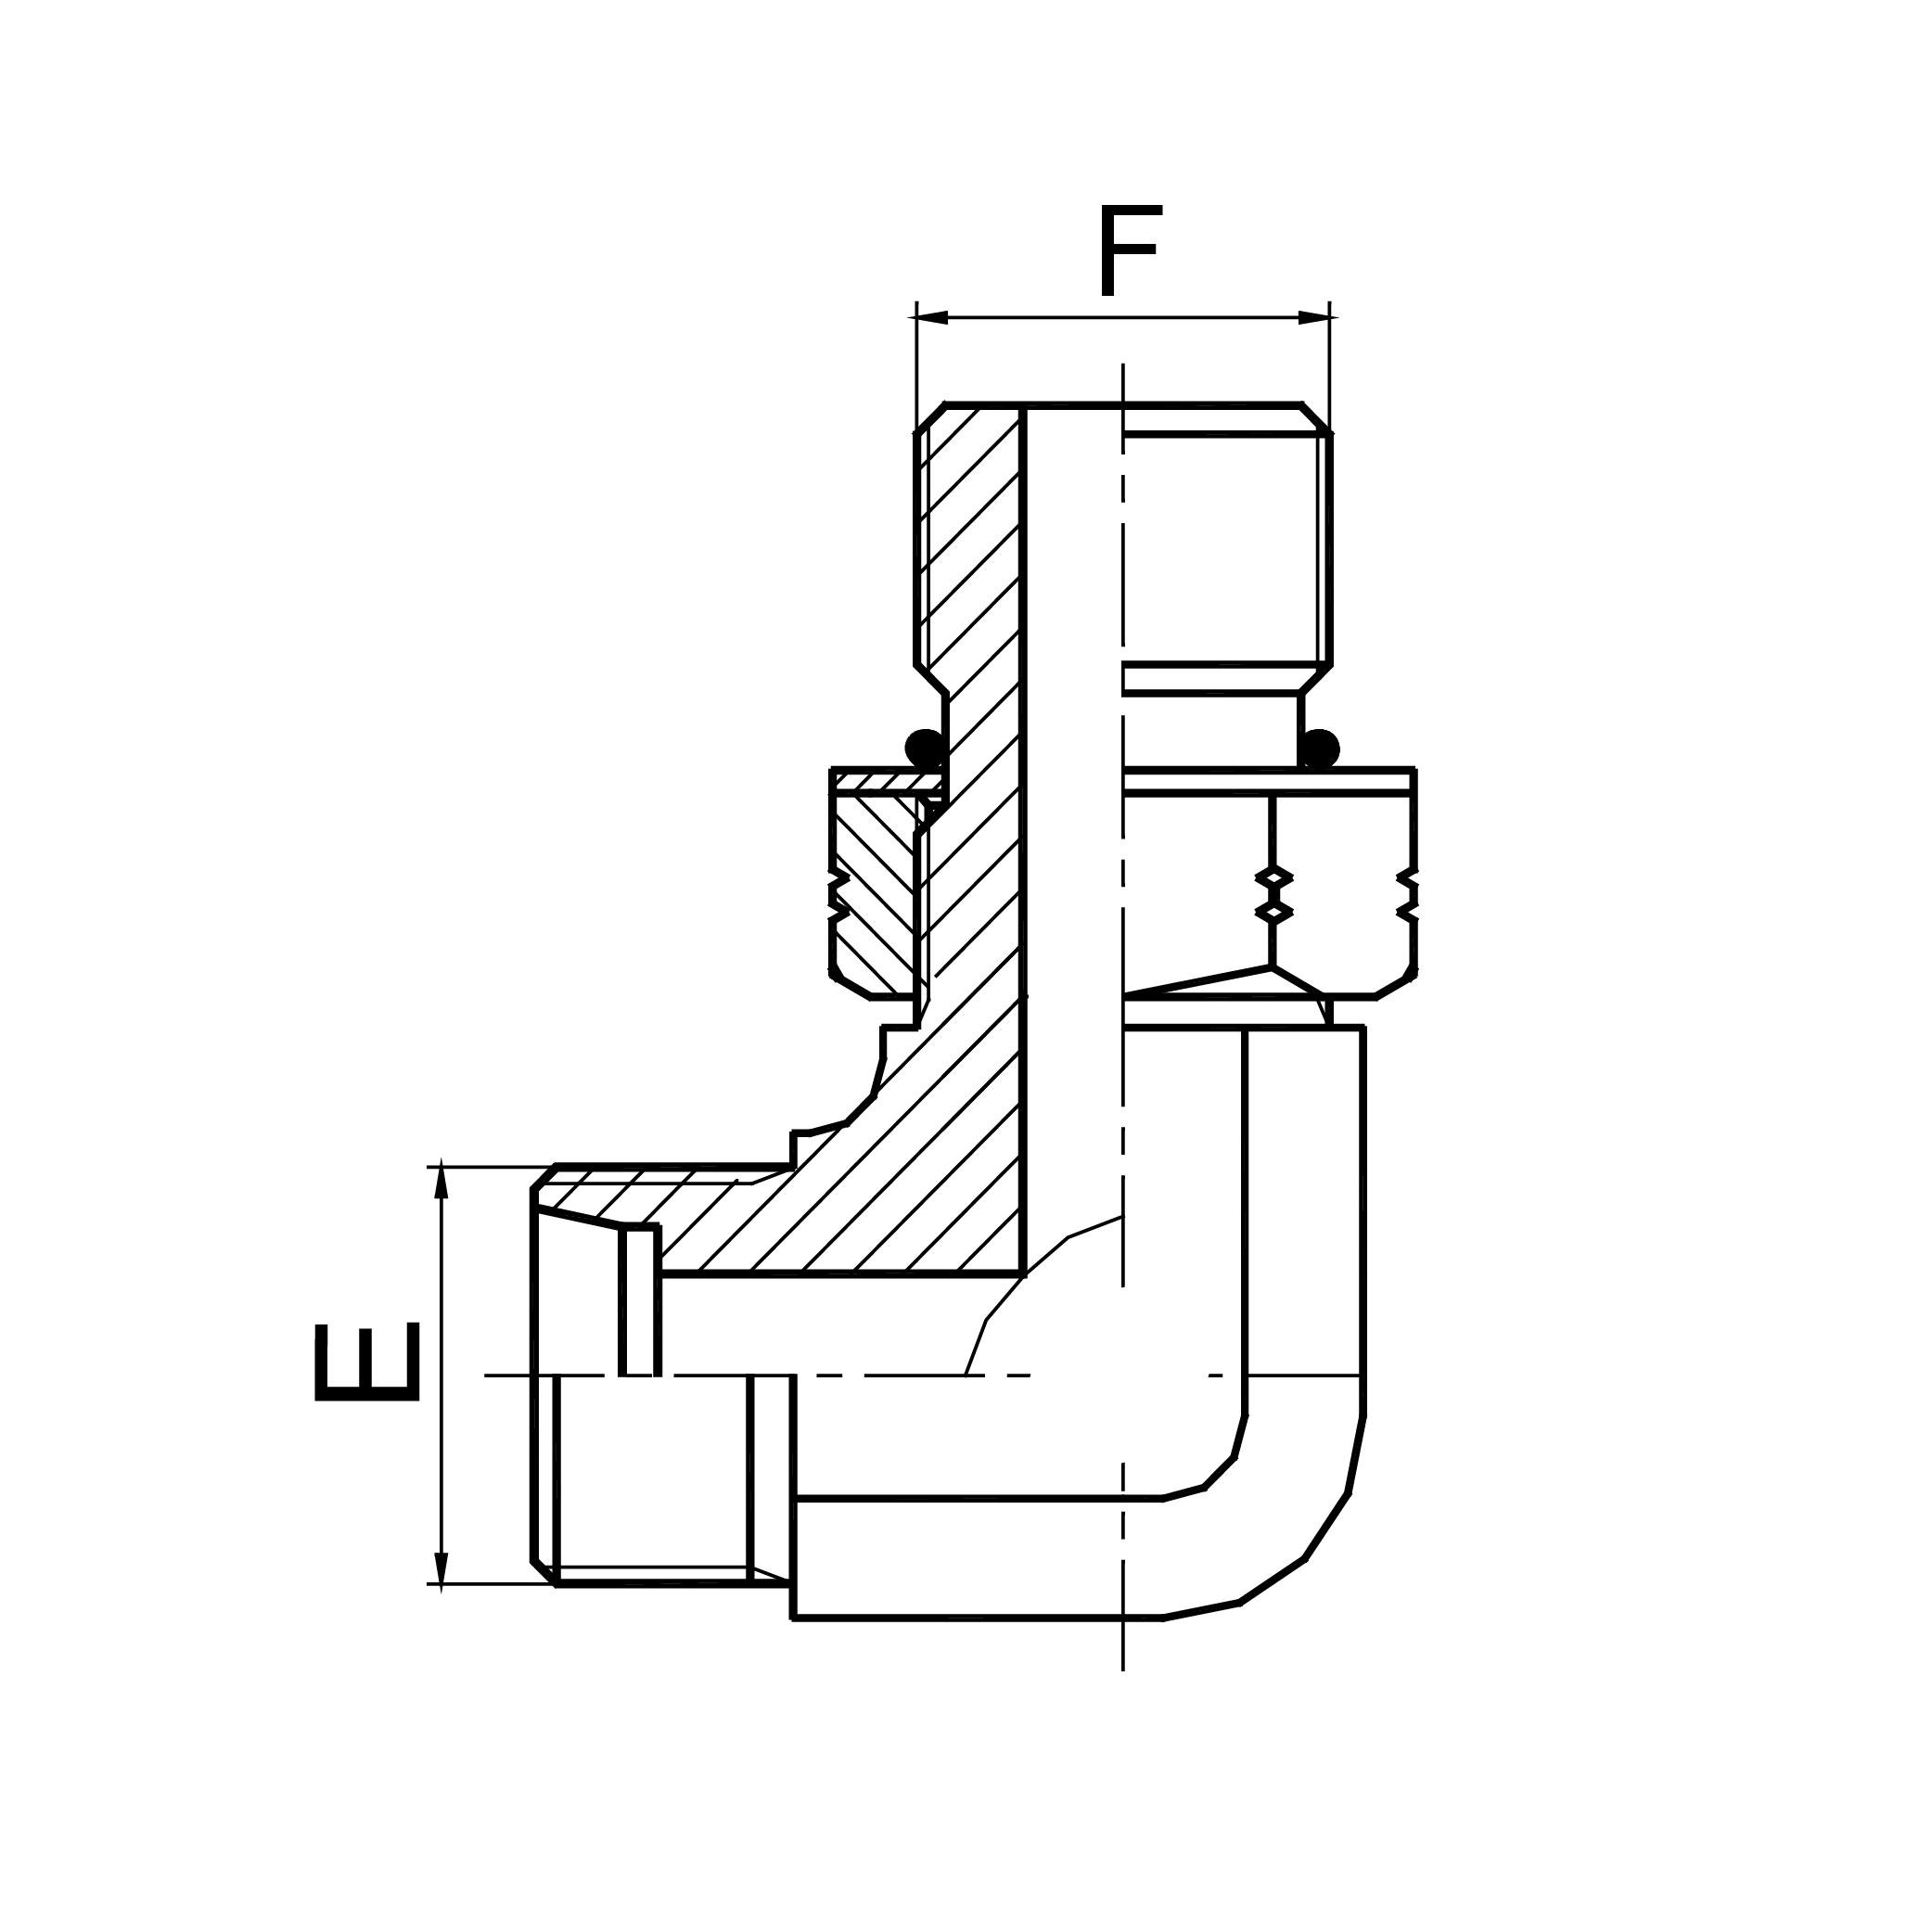 90°弯美制螺纹可调向O形圈密封柱端 1CO9-OG/1DO9-OG